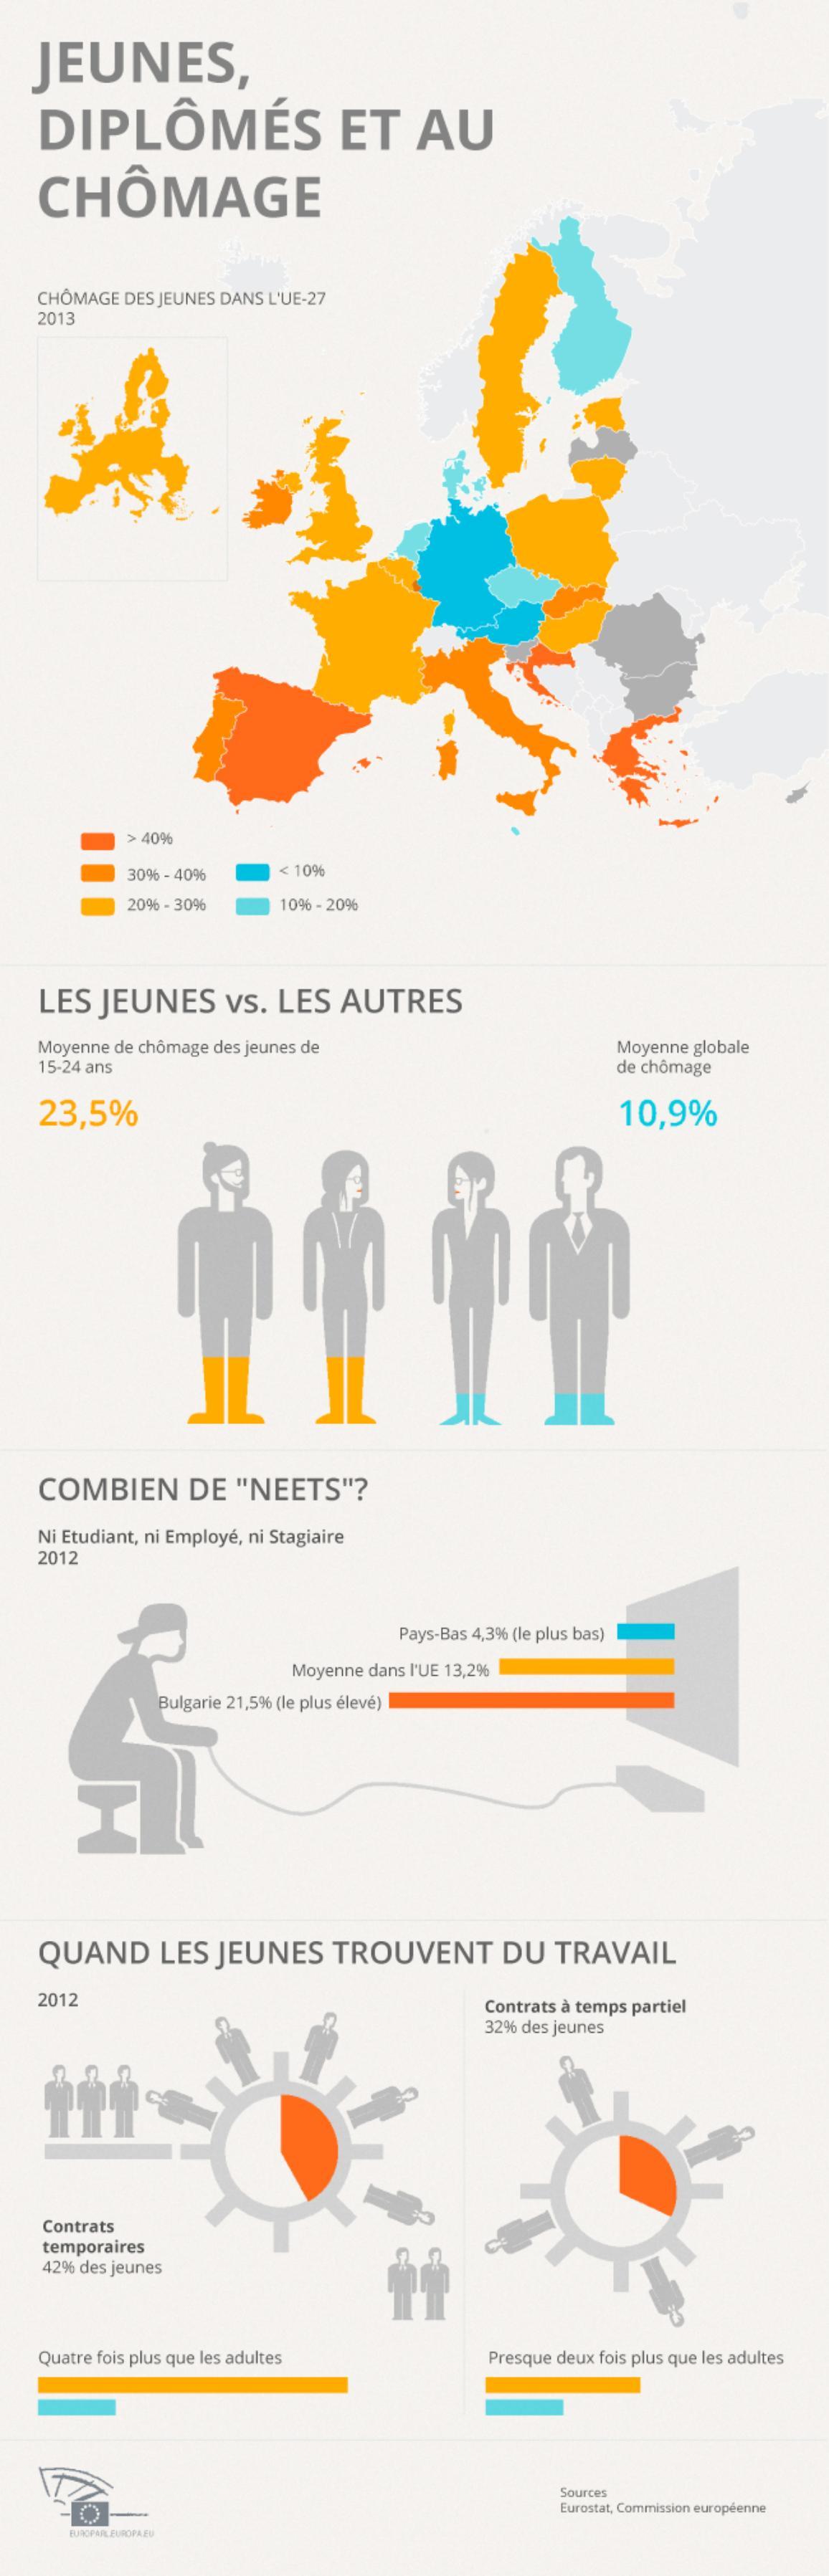 Infographie sur le chômage des jeunes